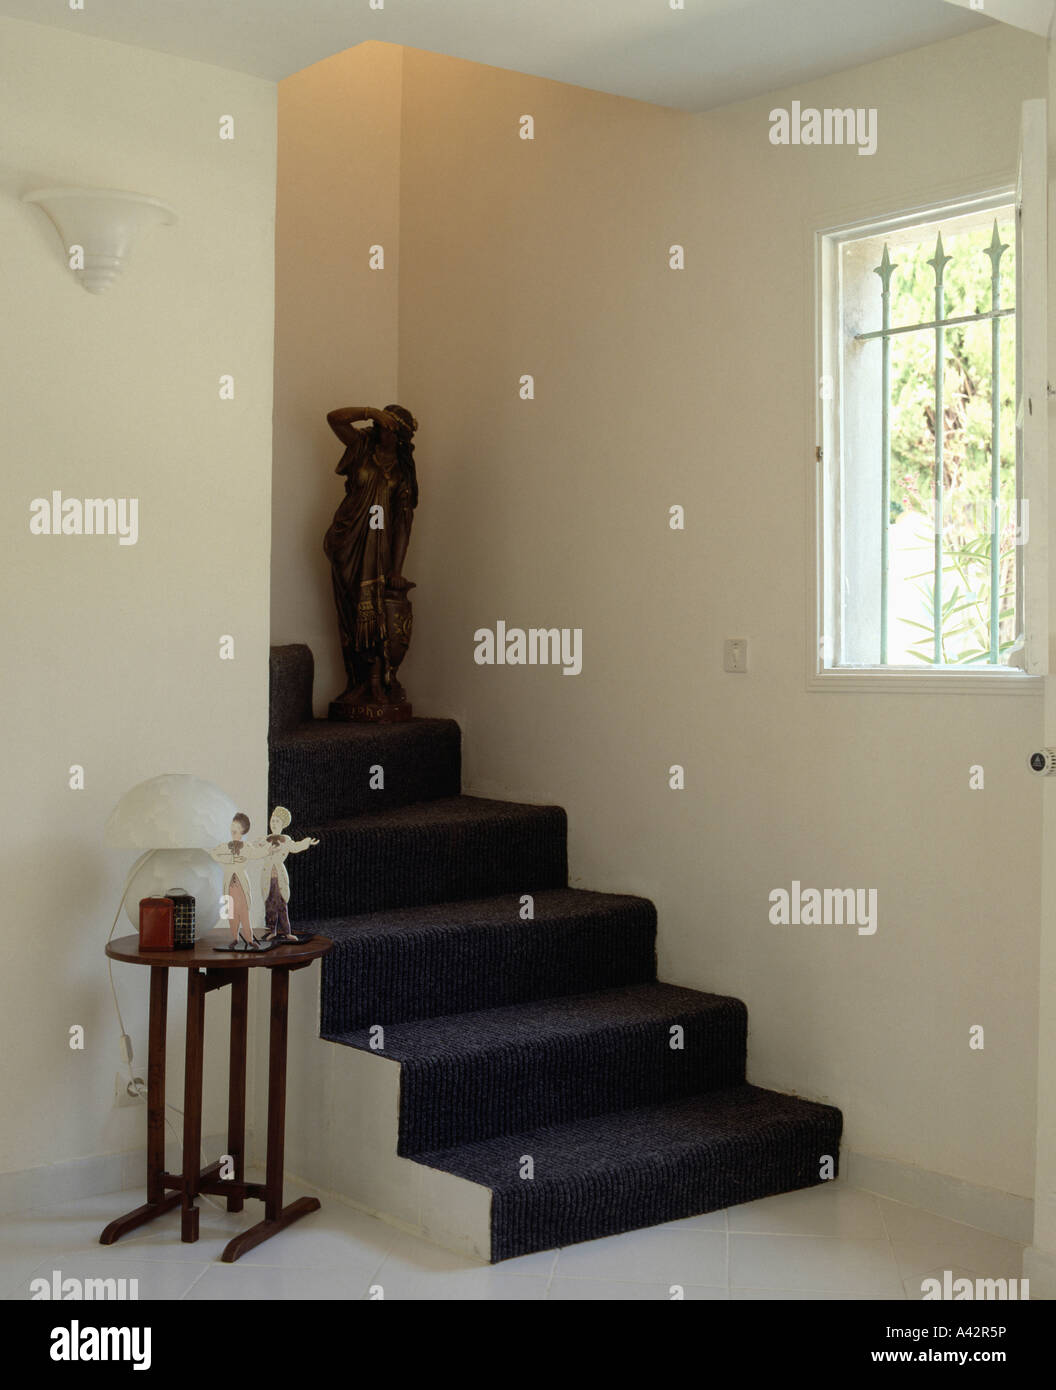 Tapis Noir Sur Blanc Moderne Escalier En Salle Avec Statue